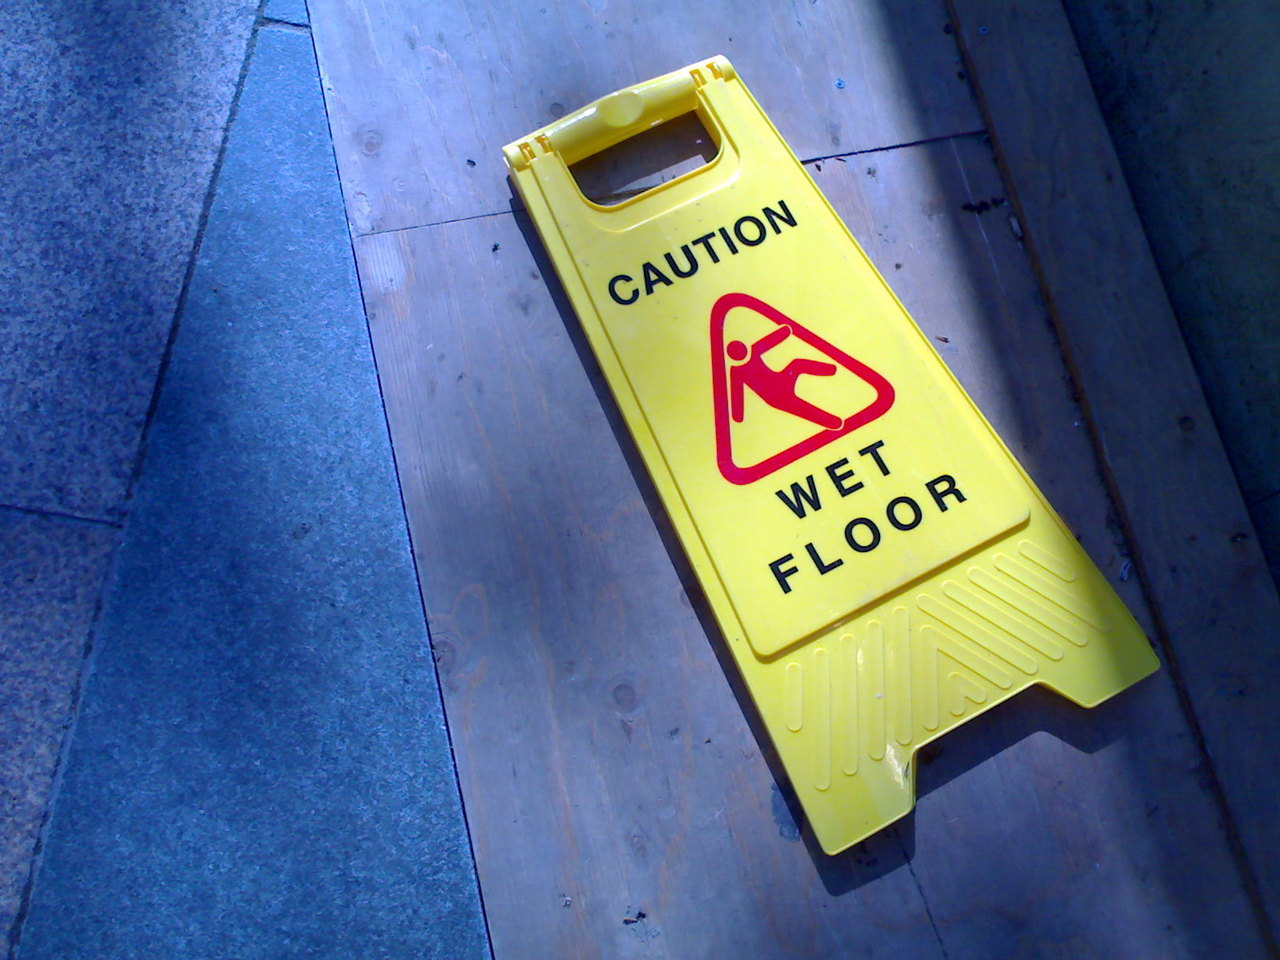 caution-wet-floor-sign-1-1444538-1280x960